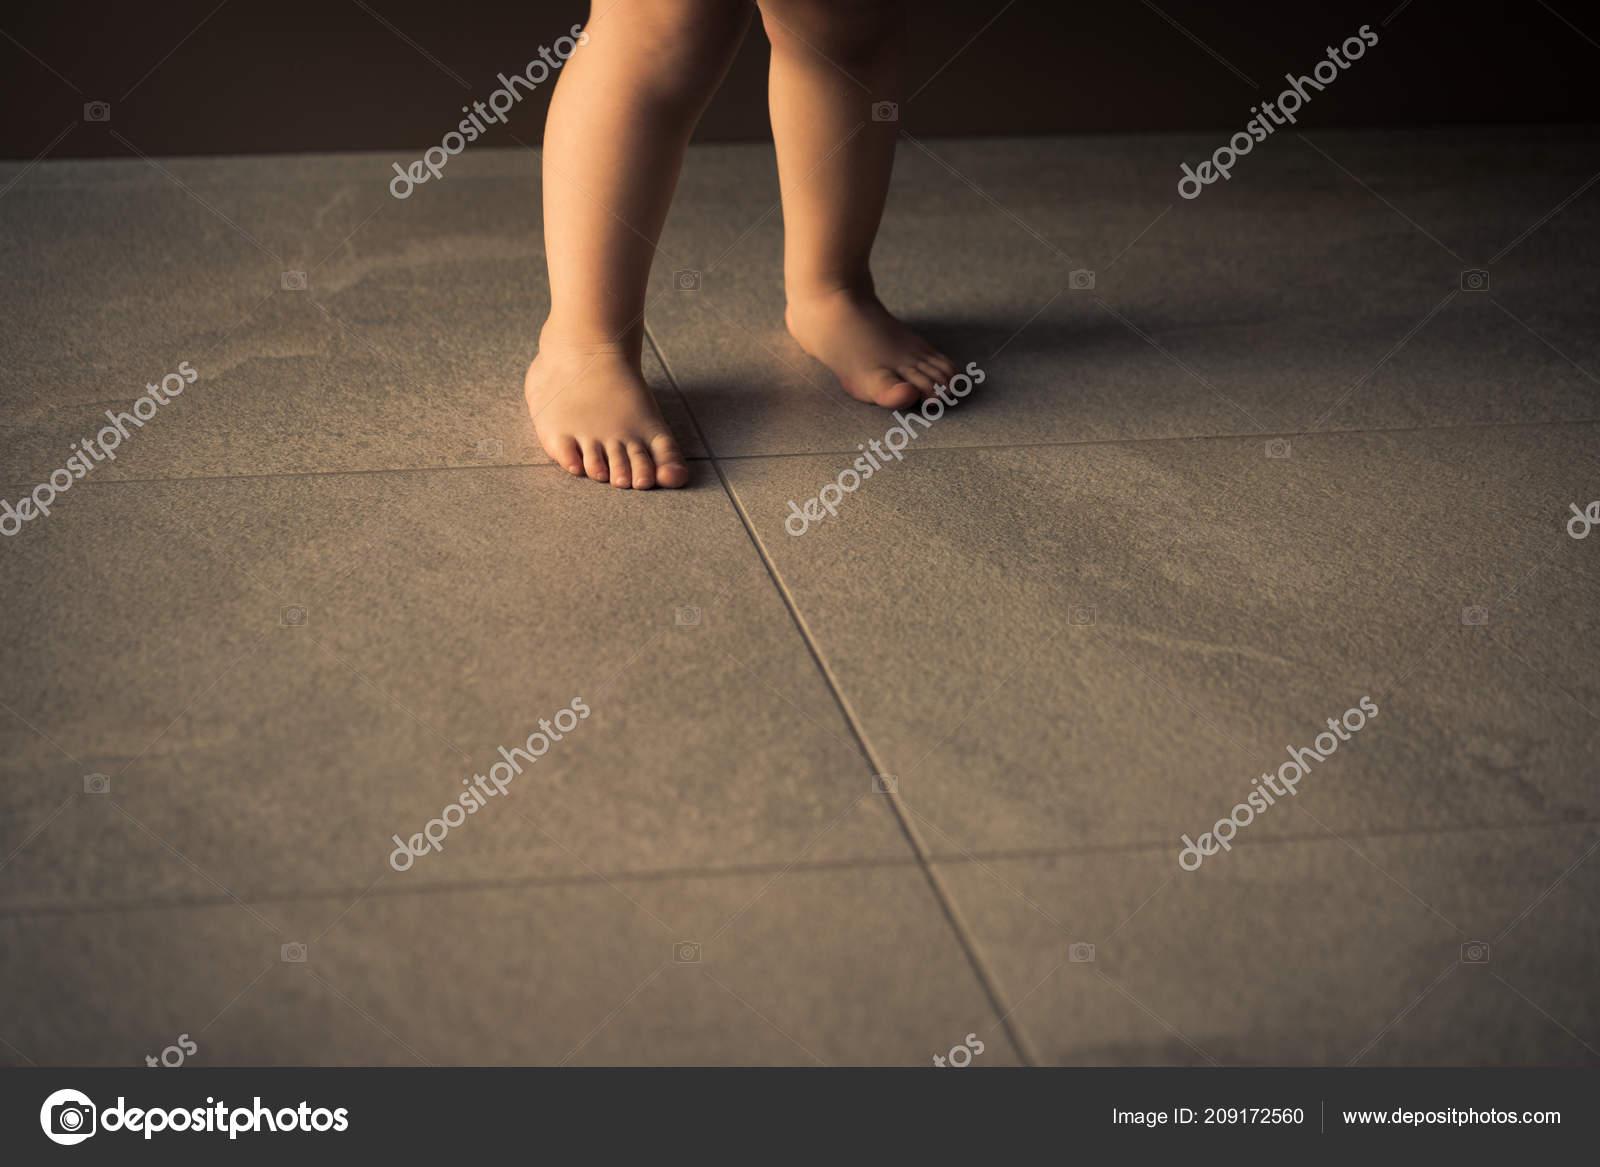 Bambino piedi nudi sono stare riscaldamento pavimento piastrelle